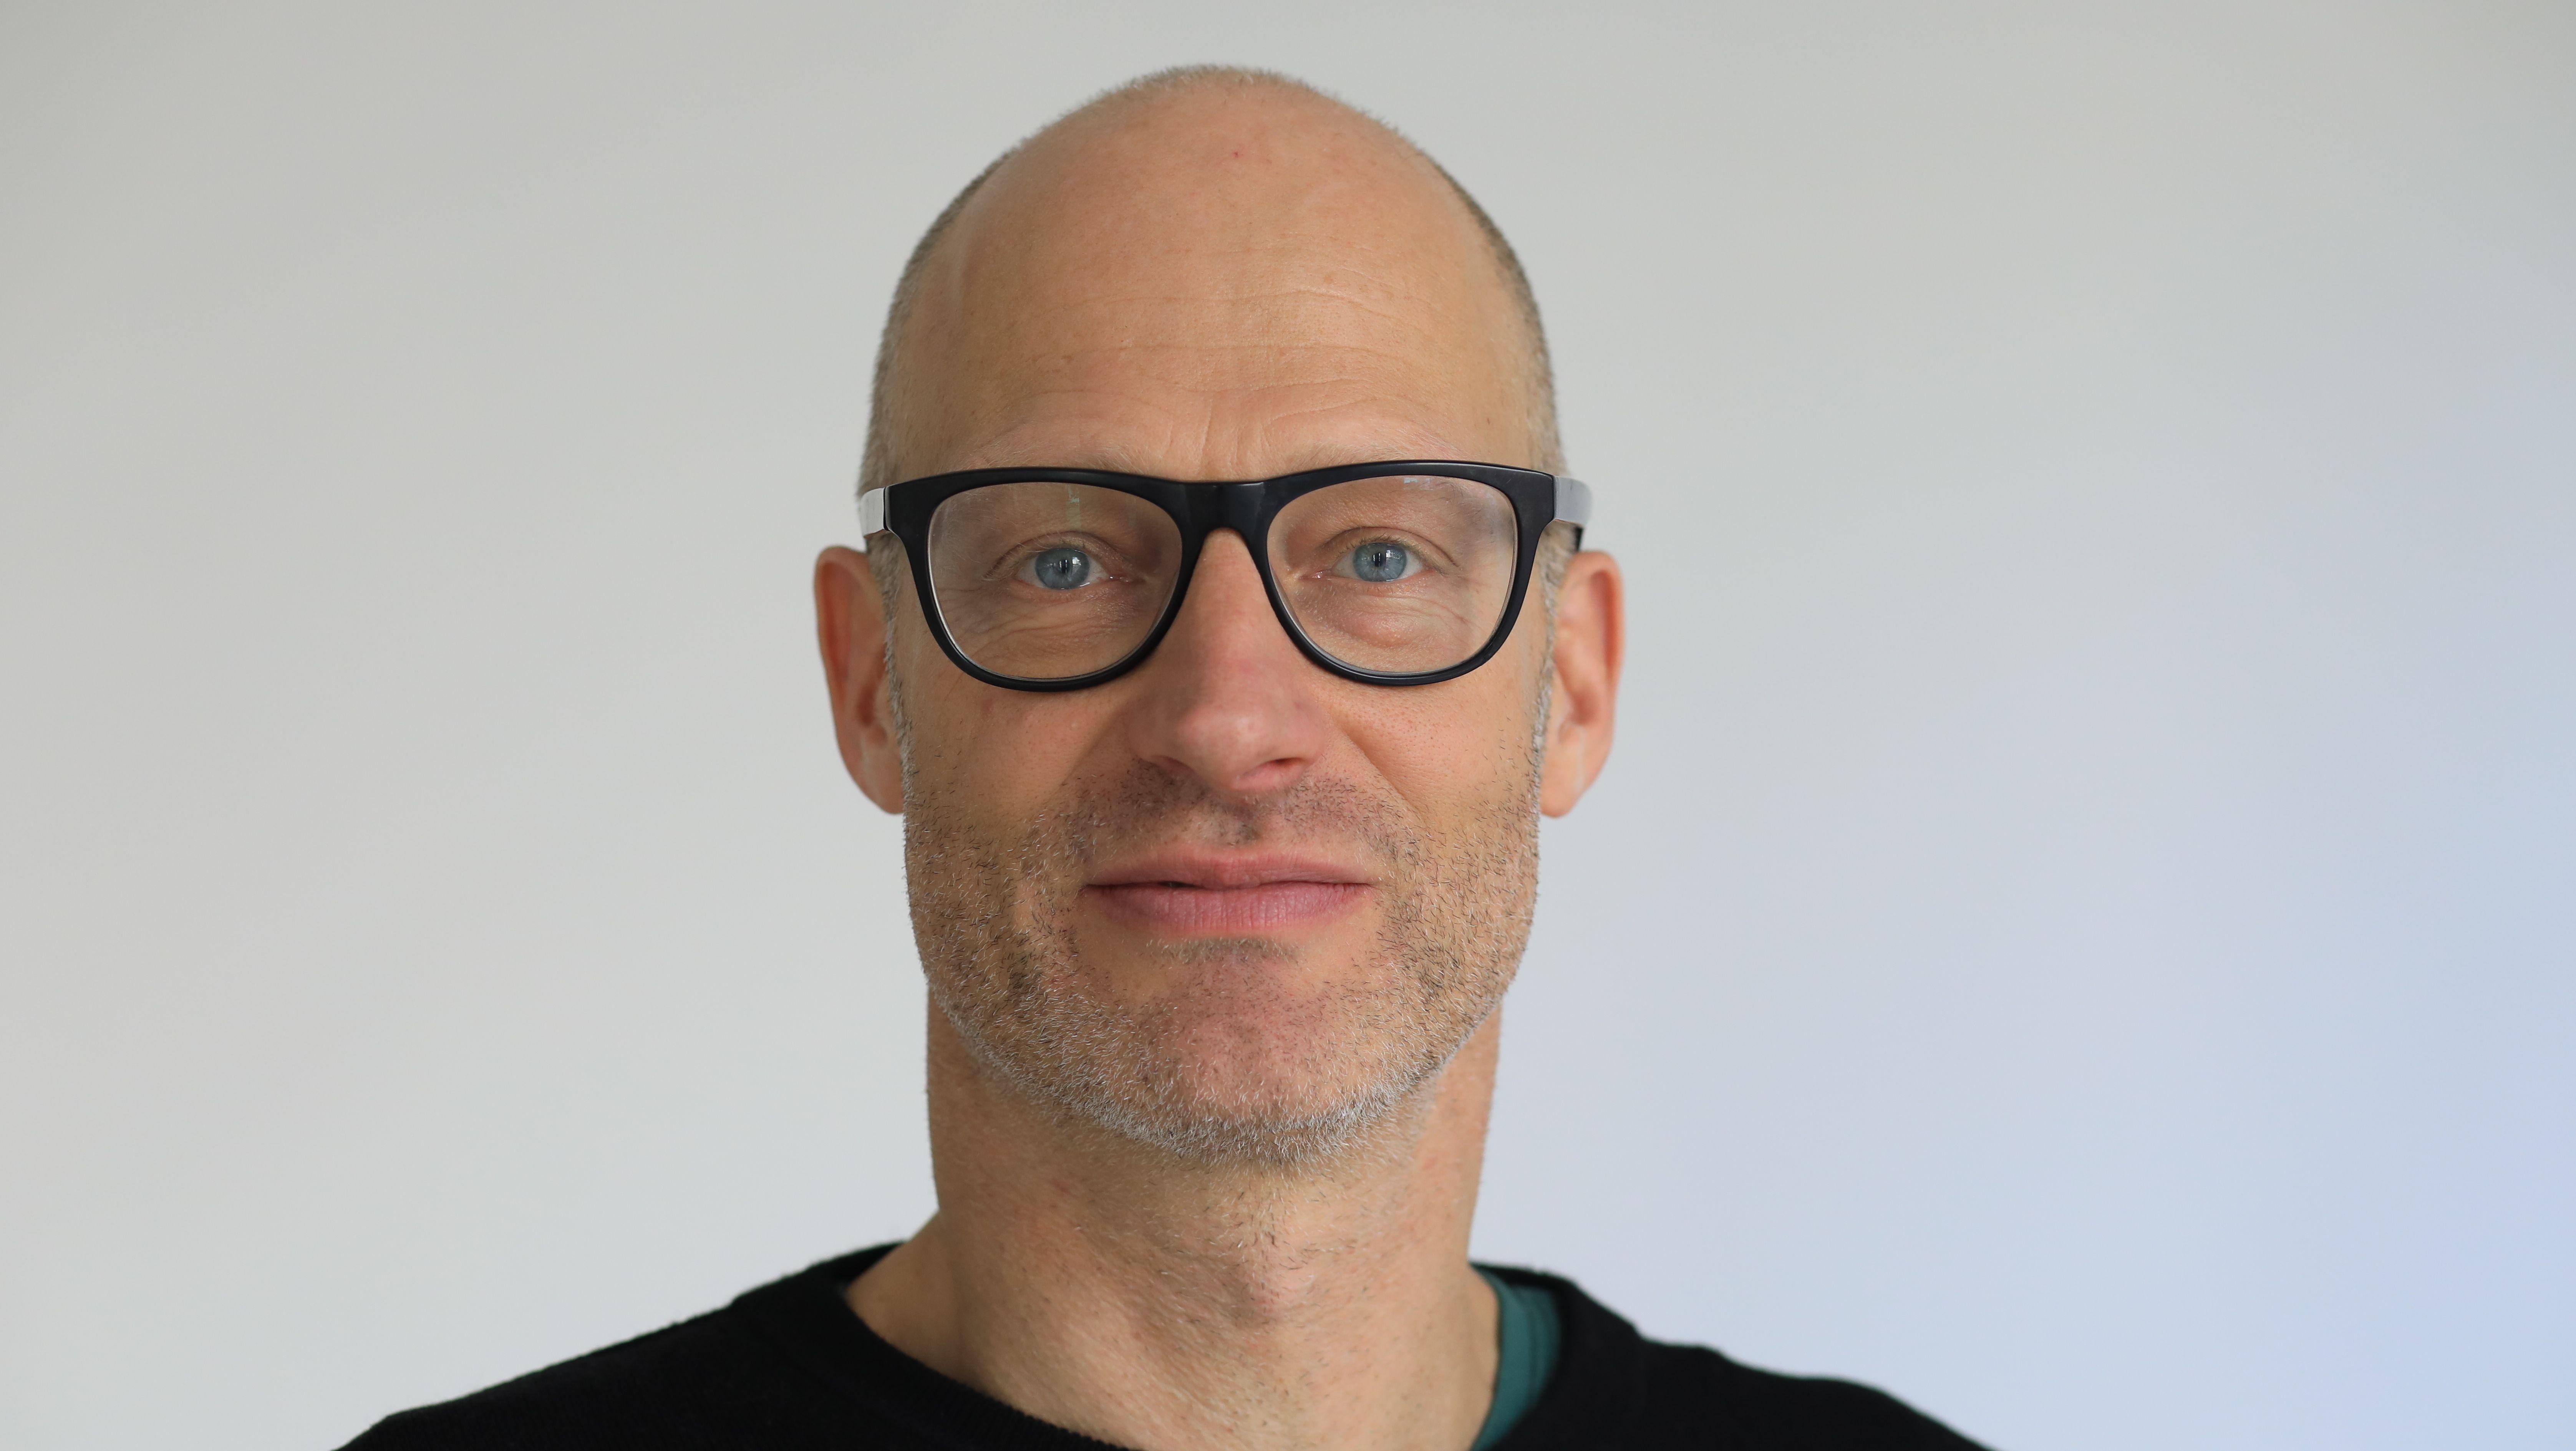 Schauspieler und Schriftsteller Joachim Meyerhoff